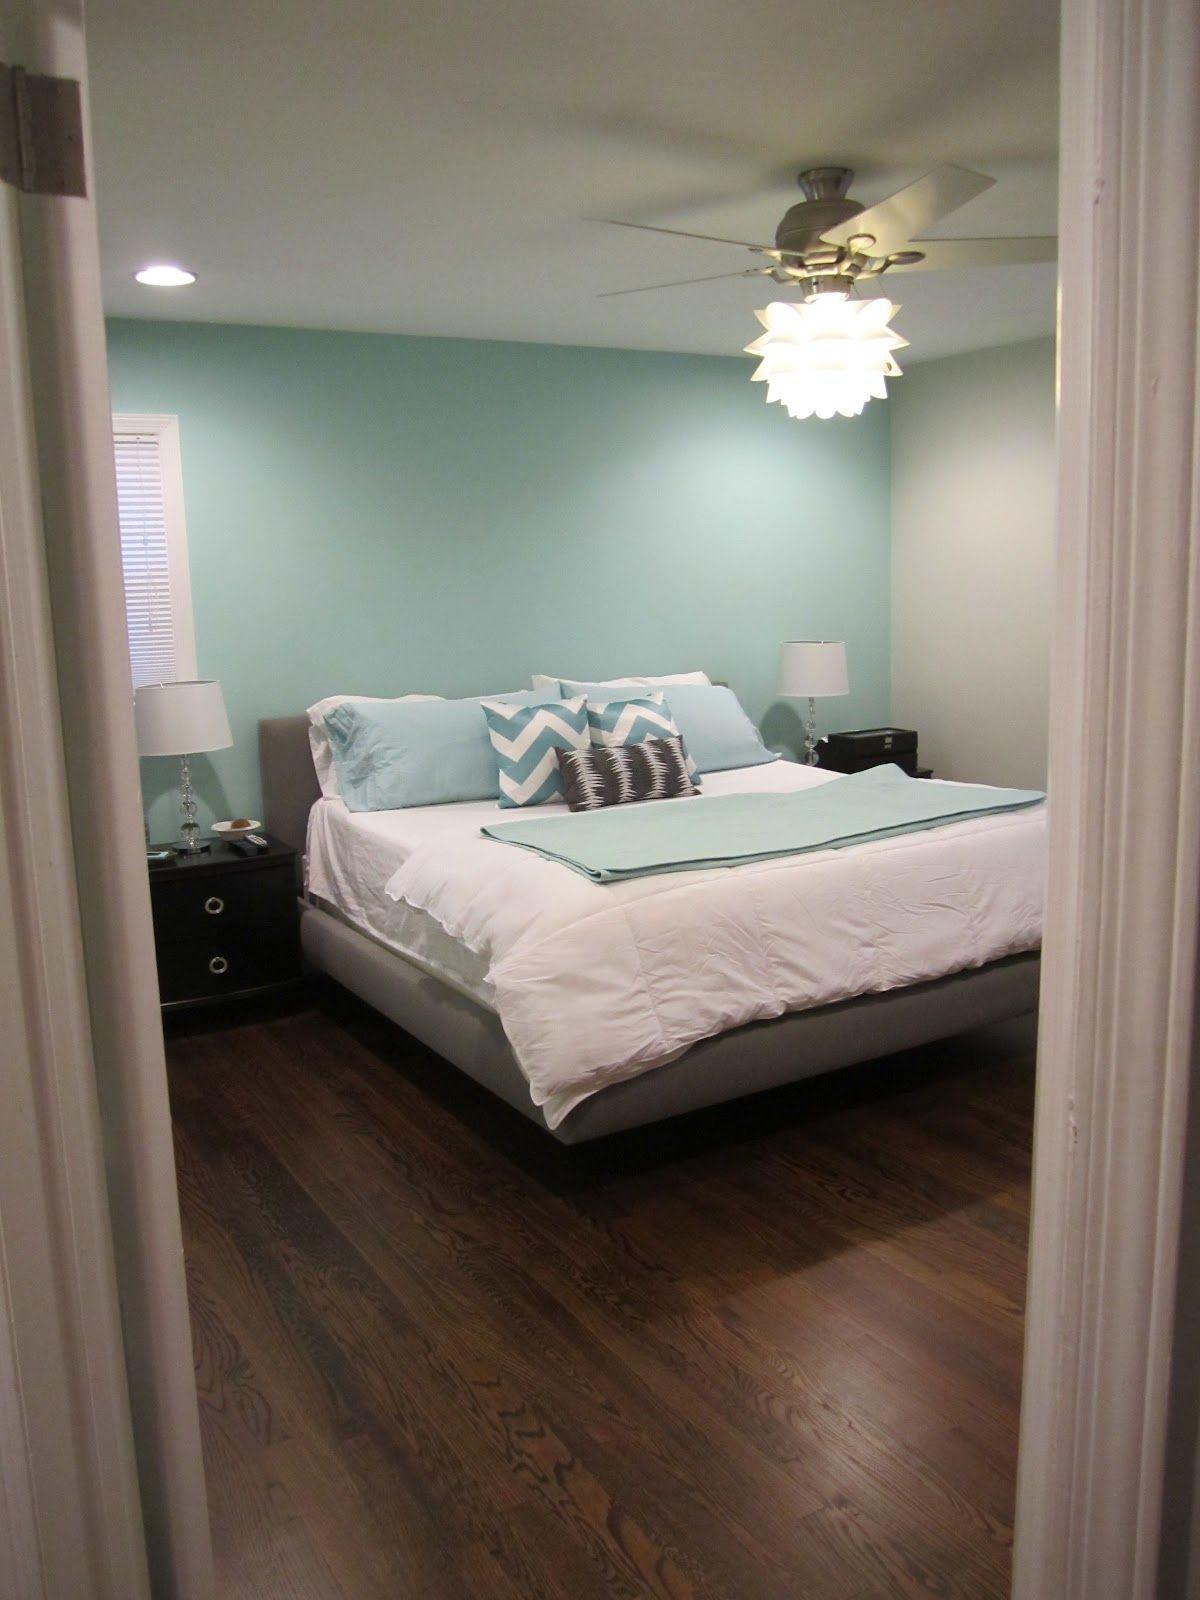 3 Room Hdb Accent Wall: Bedroom Colors, Master Bedroom